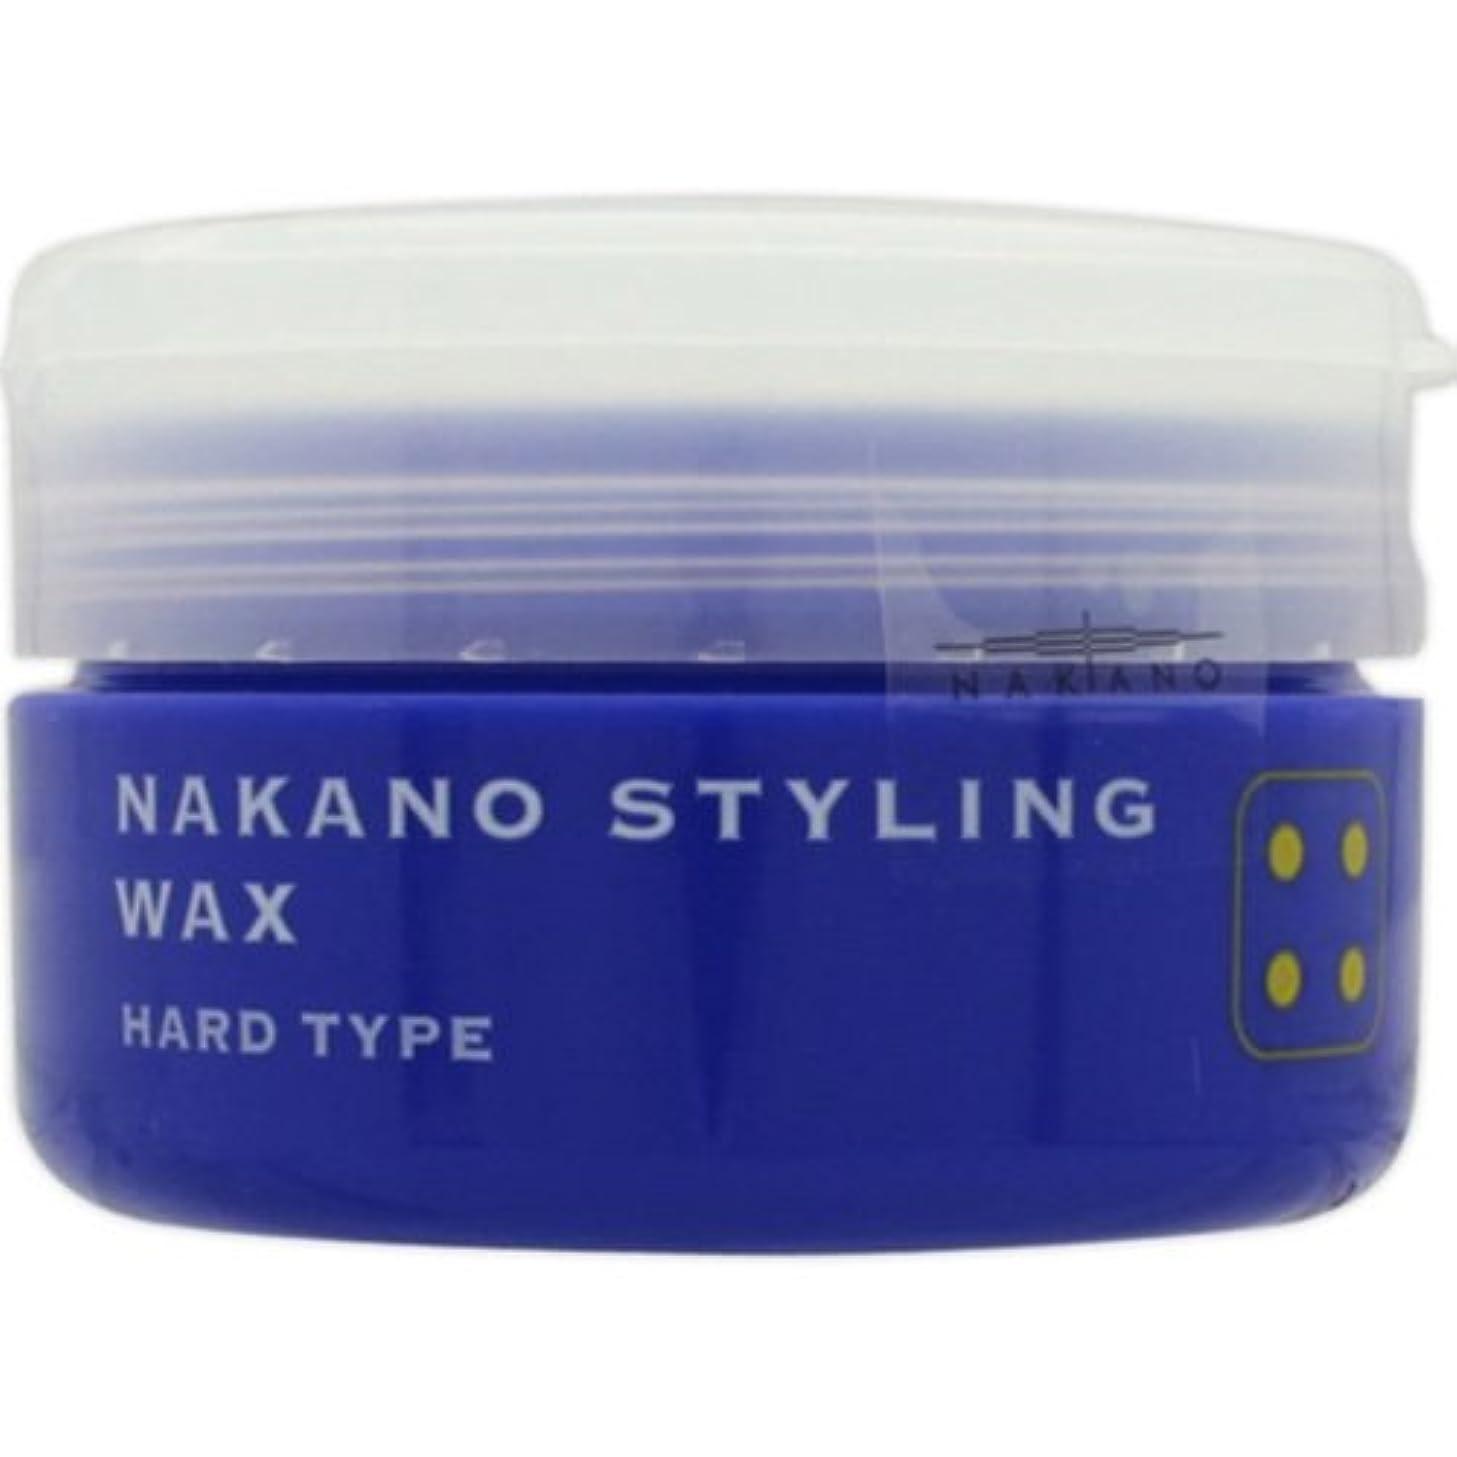 足首ドット訴えるナカノ スタイリングワックス 4 ハードタイプ 90g 中野製薬 NAKANO